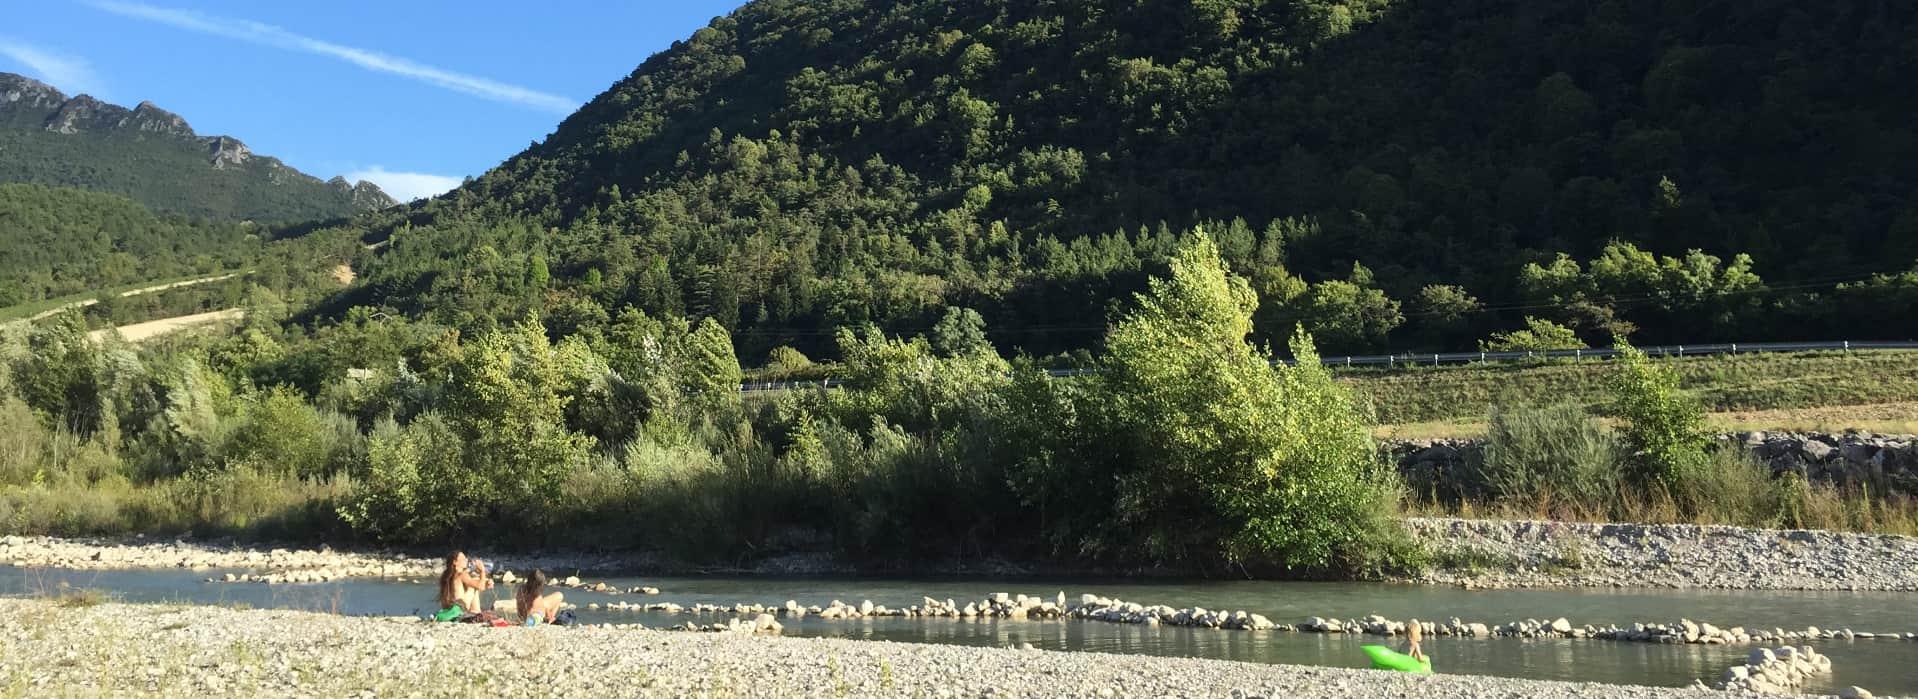 Camping Les Chapelains Drôme Slow Tourisme Nature Famille pour Piscine Plein Ciel Valence